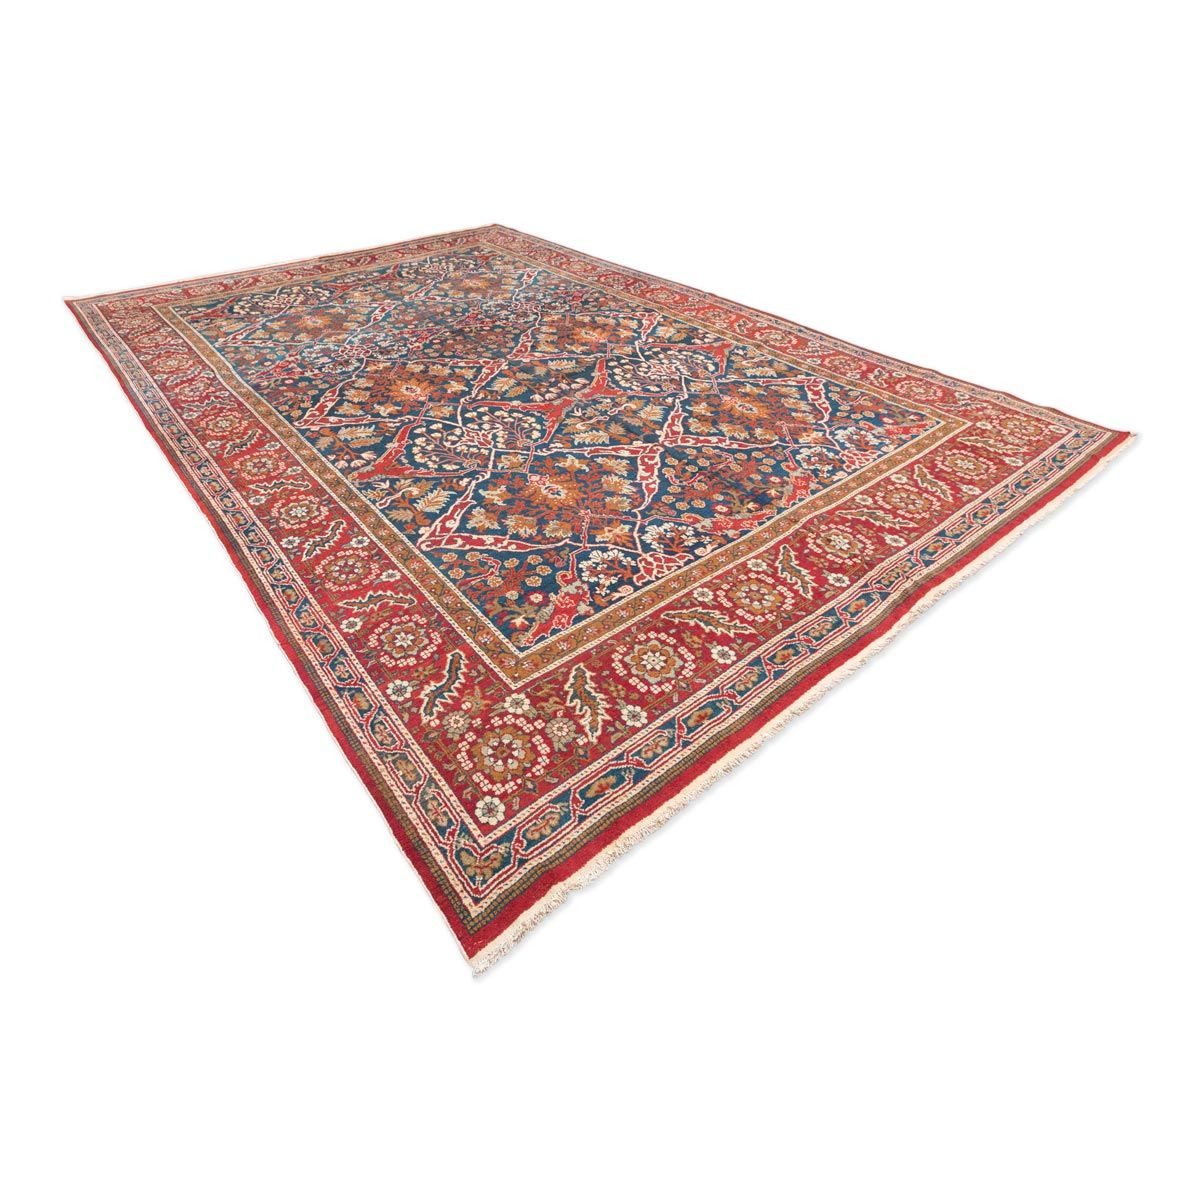 antiker indischer ameritza teppich bei pamono kaufen. Black Bedroom Furniture Sets. Home Design Ideas